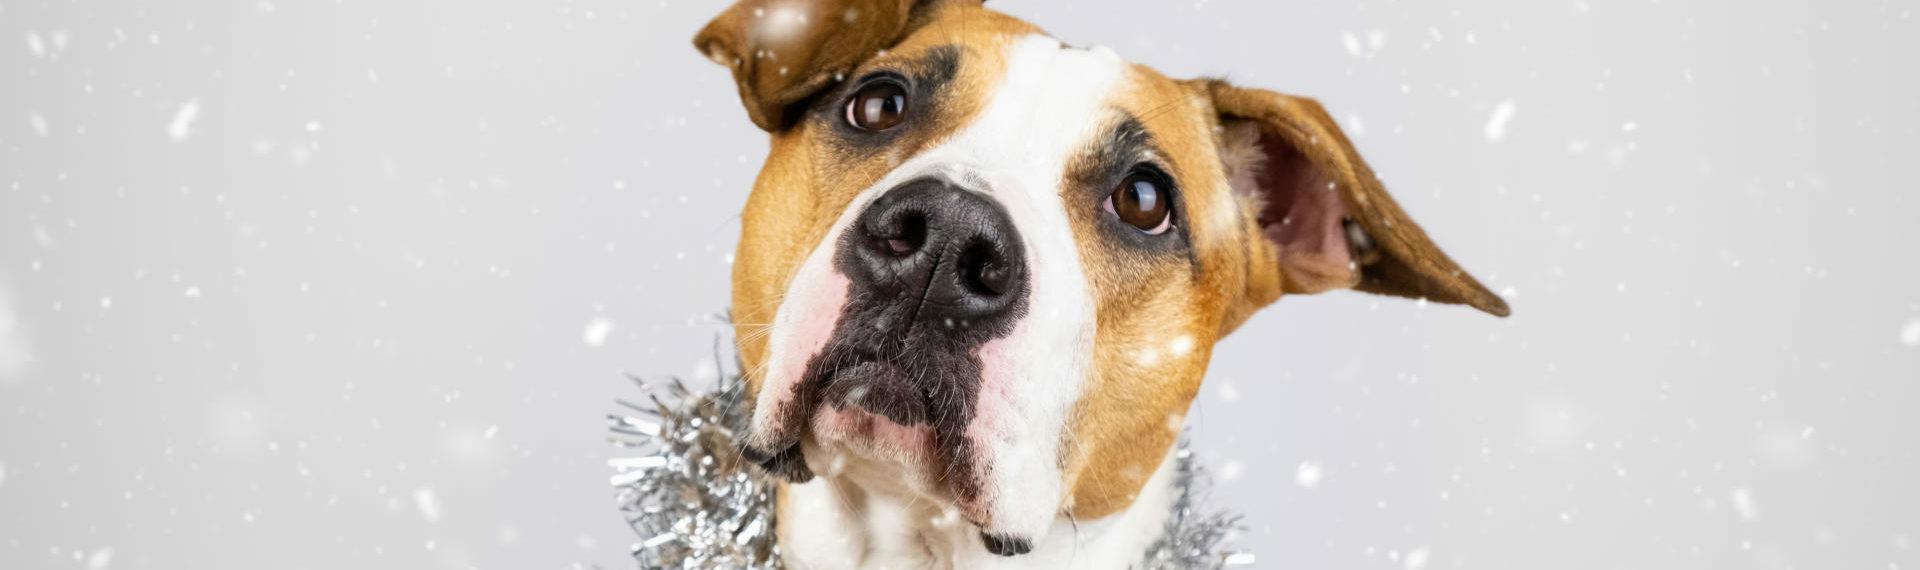 Nytår – Sådan hjælper du din hund » Læs mere her| Dyrlægehuset Kolding